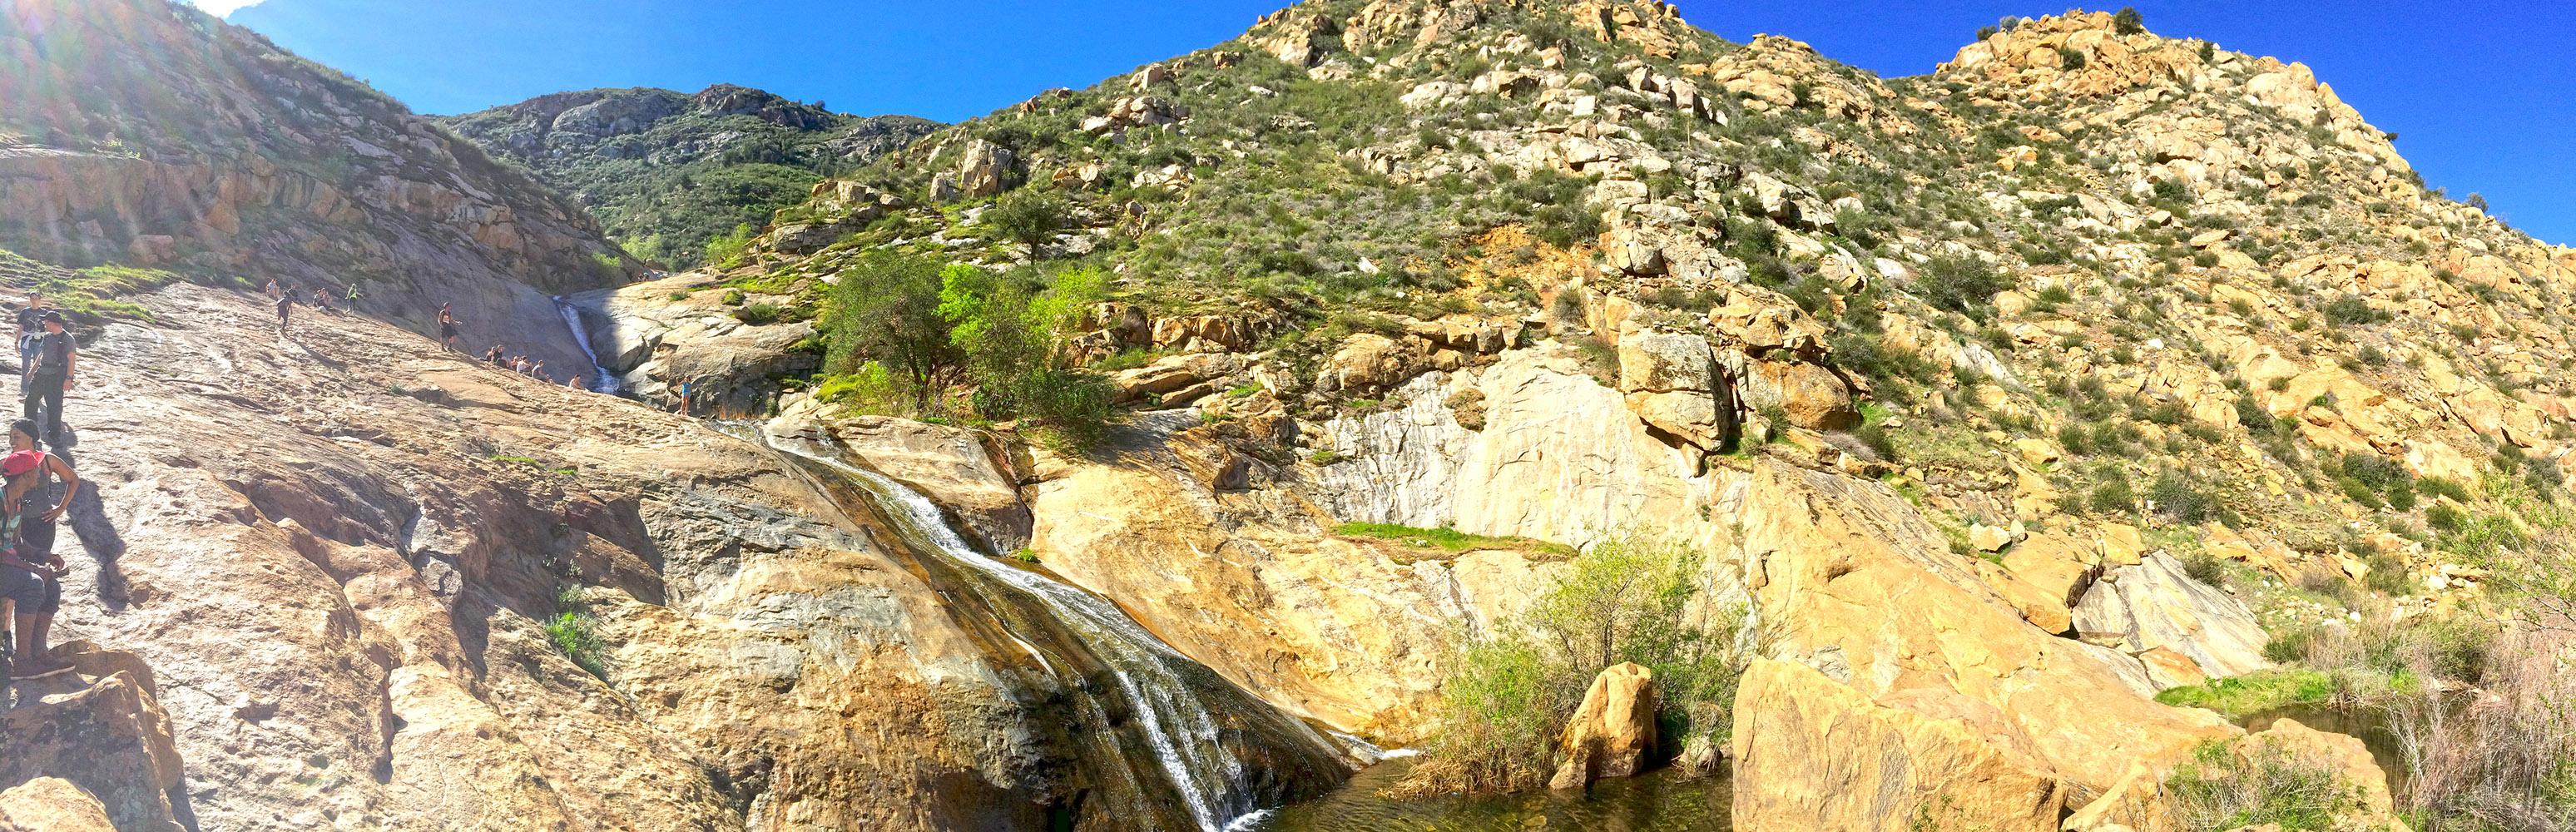 3 Sisters Waterfalls